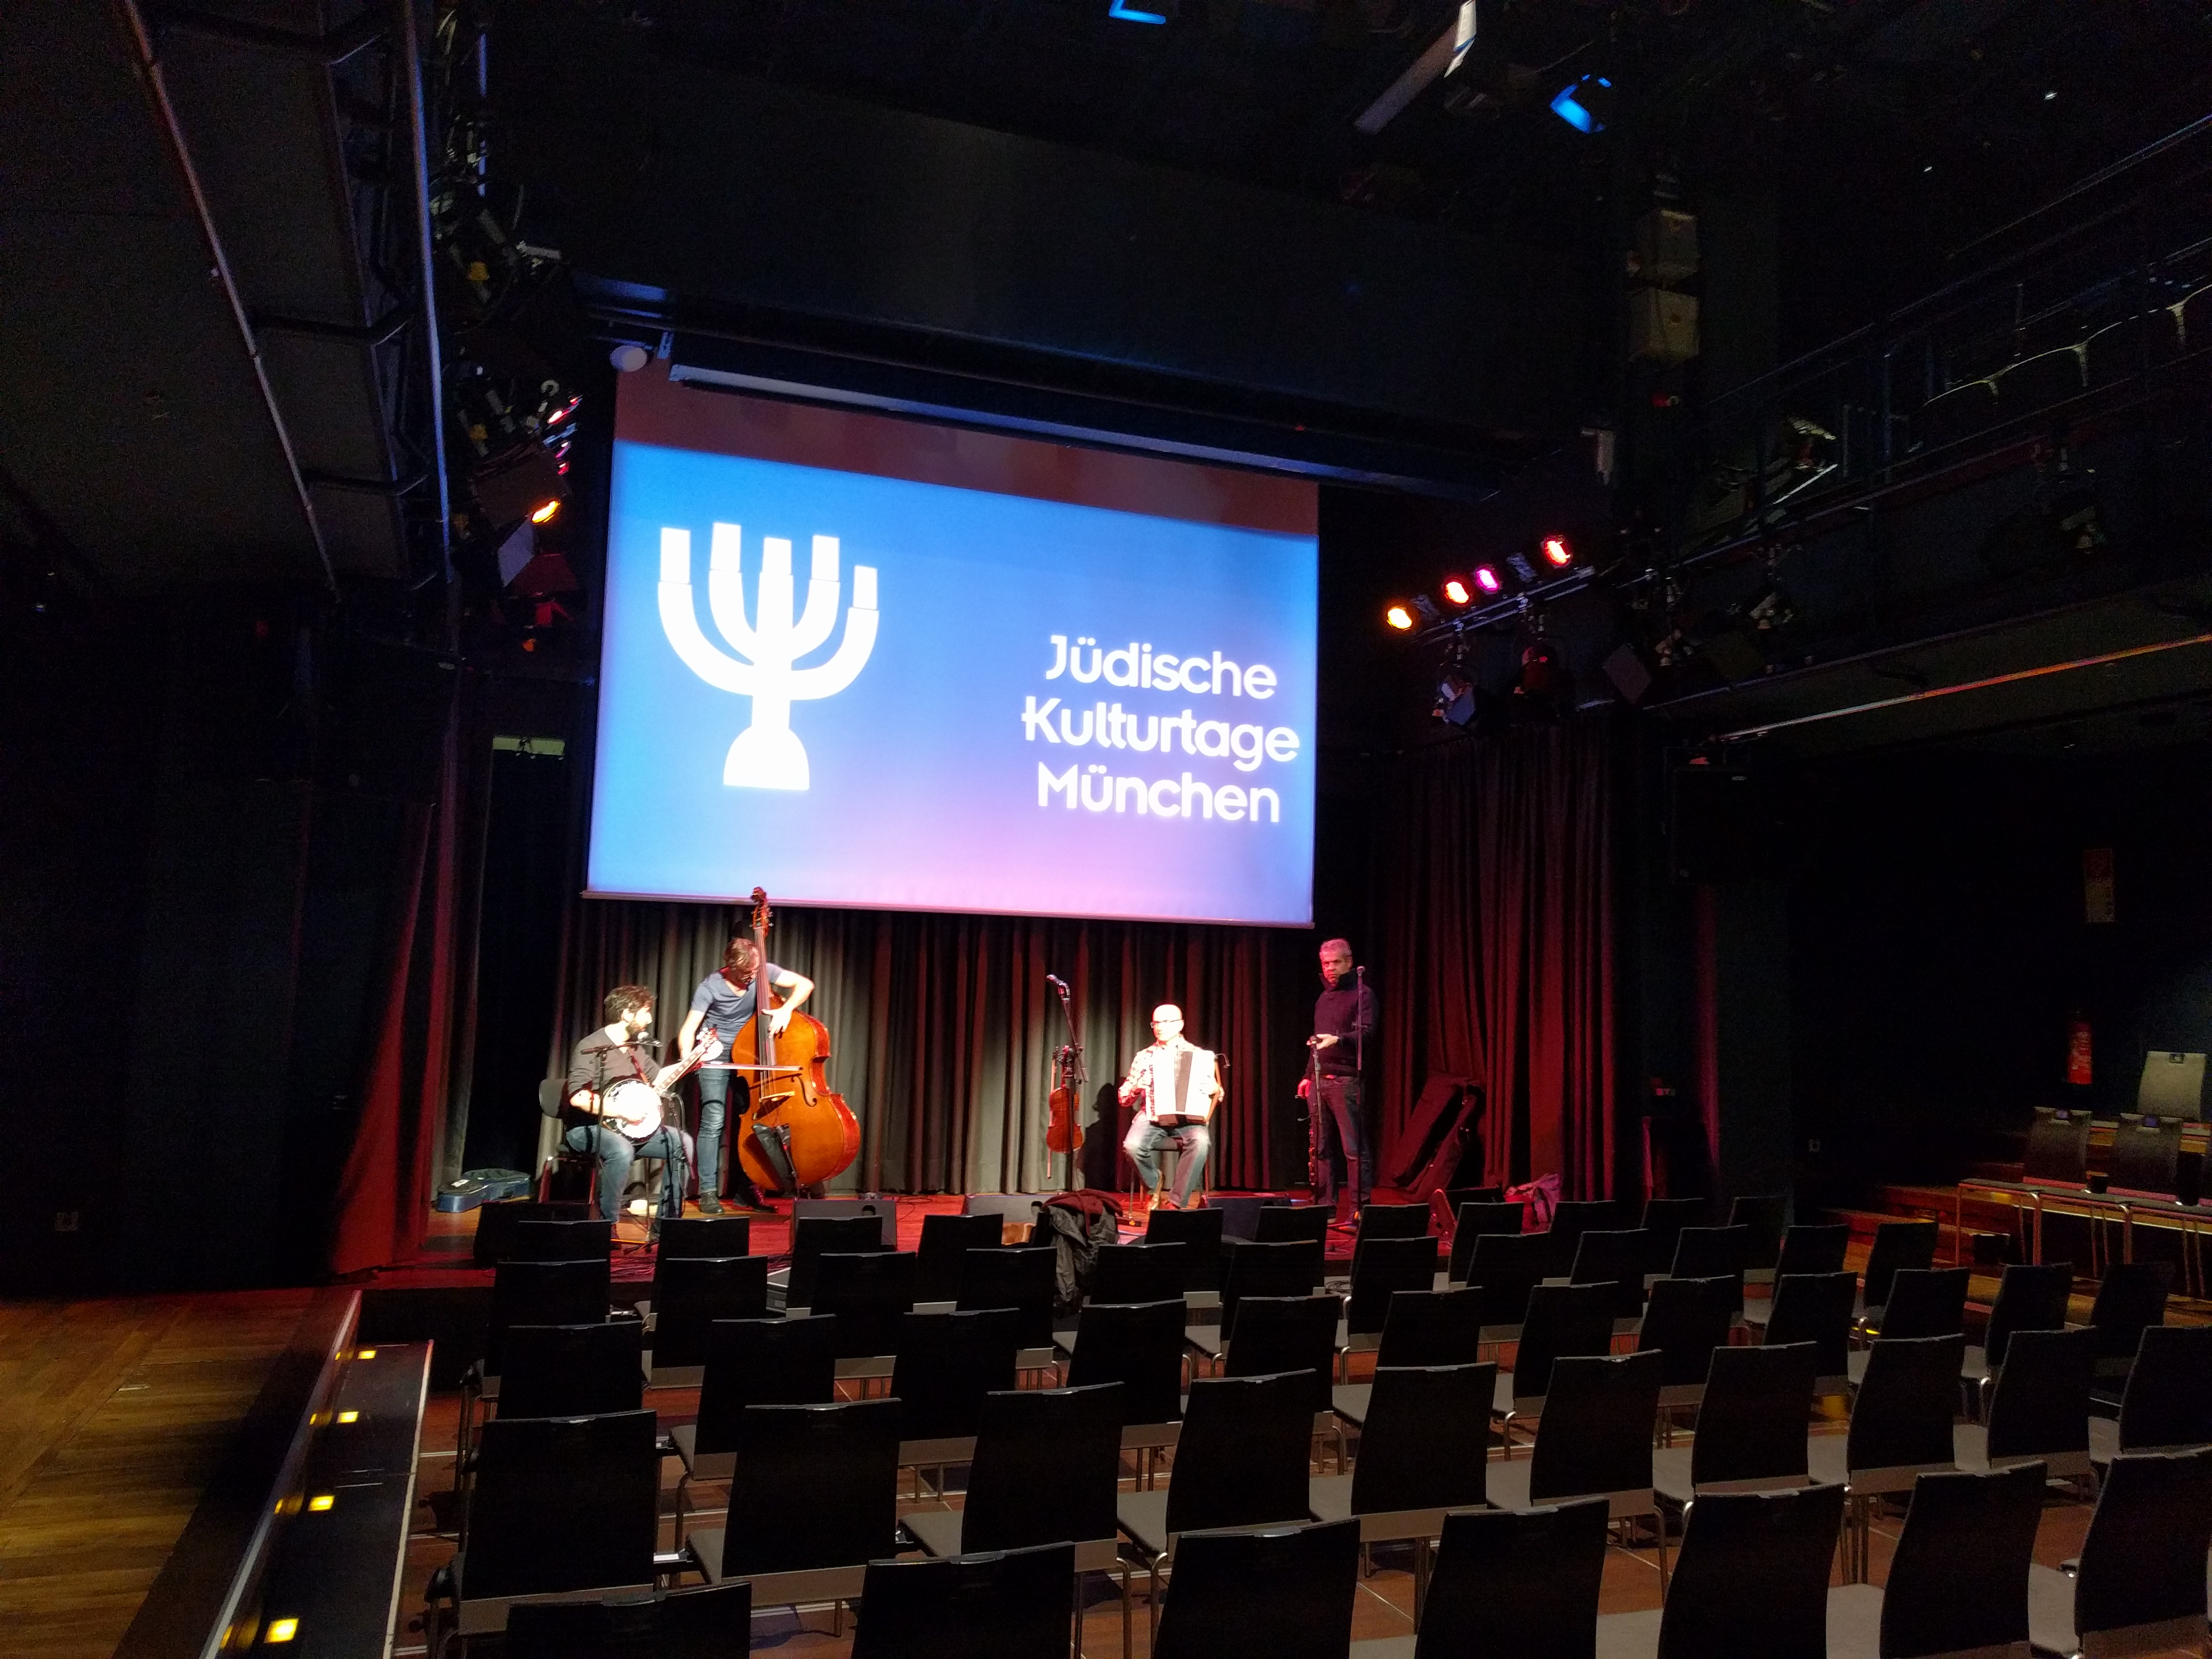 Jüdische Kulturtage • Münich